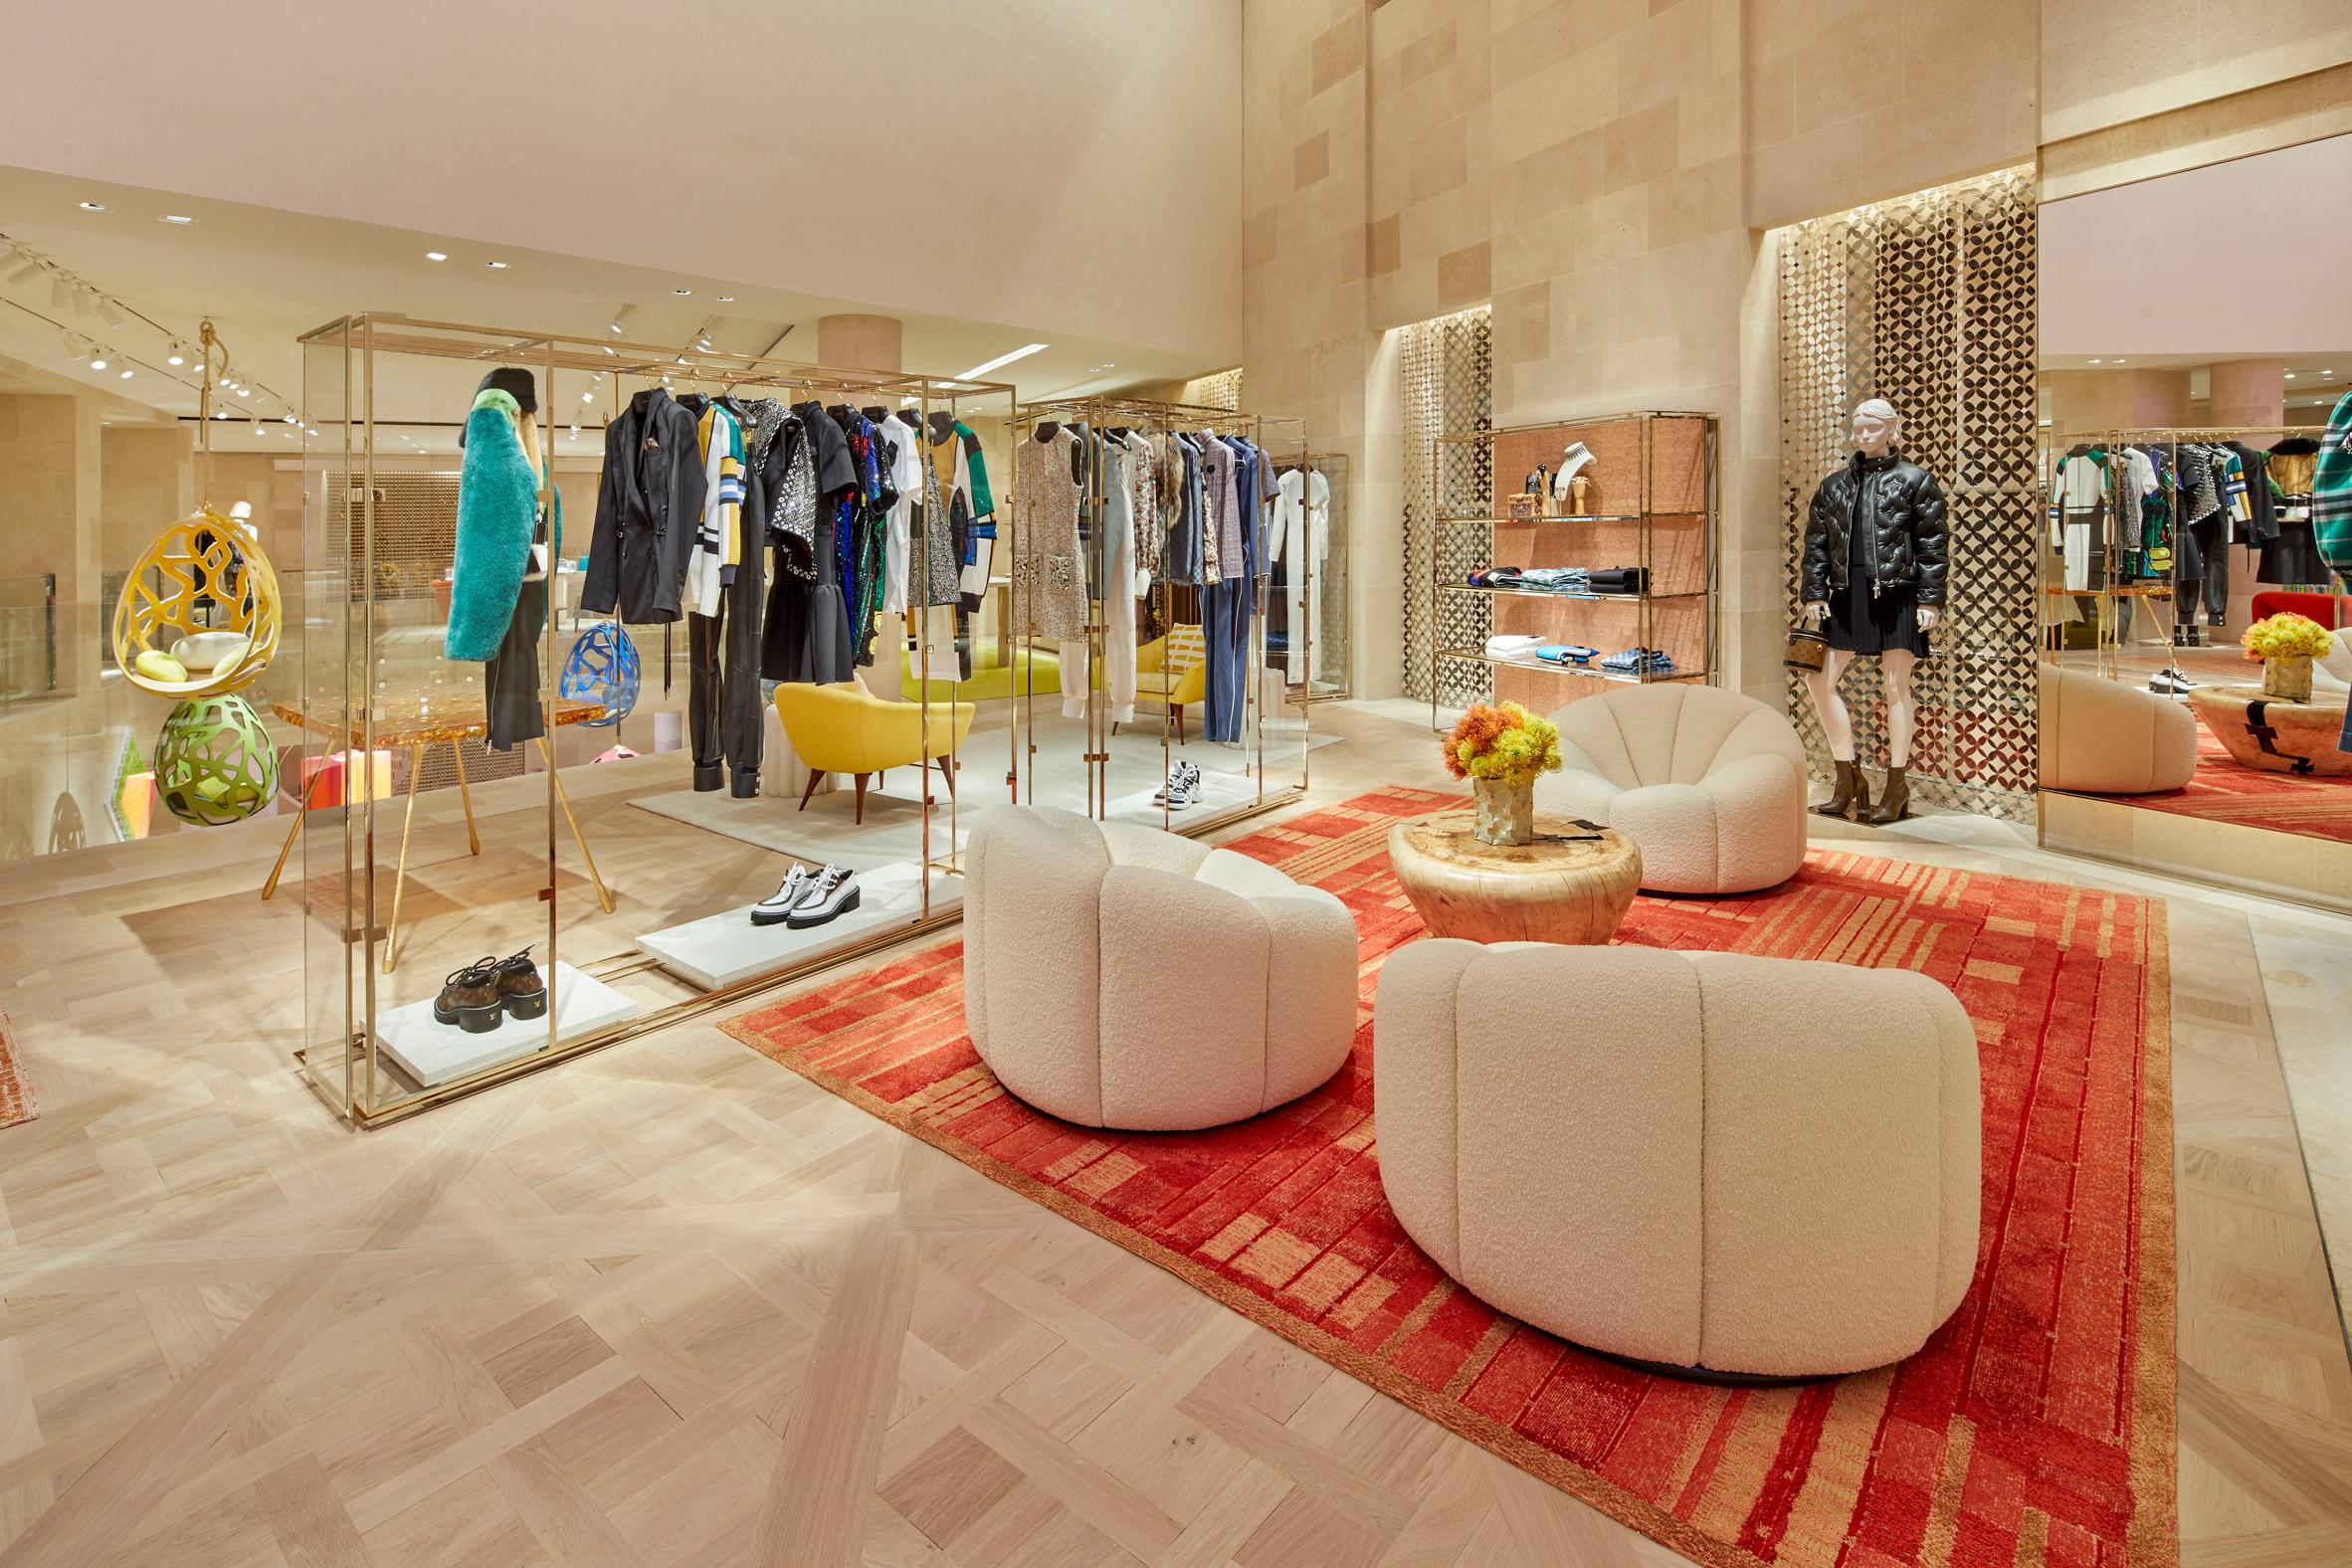 Thiết kế ánh sáng cho cửa hàng thời trang 8